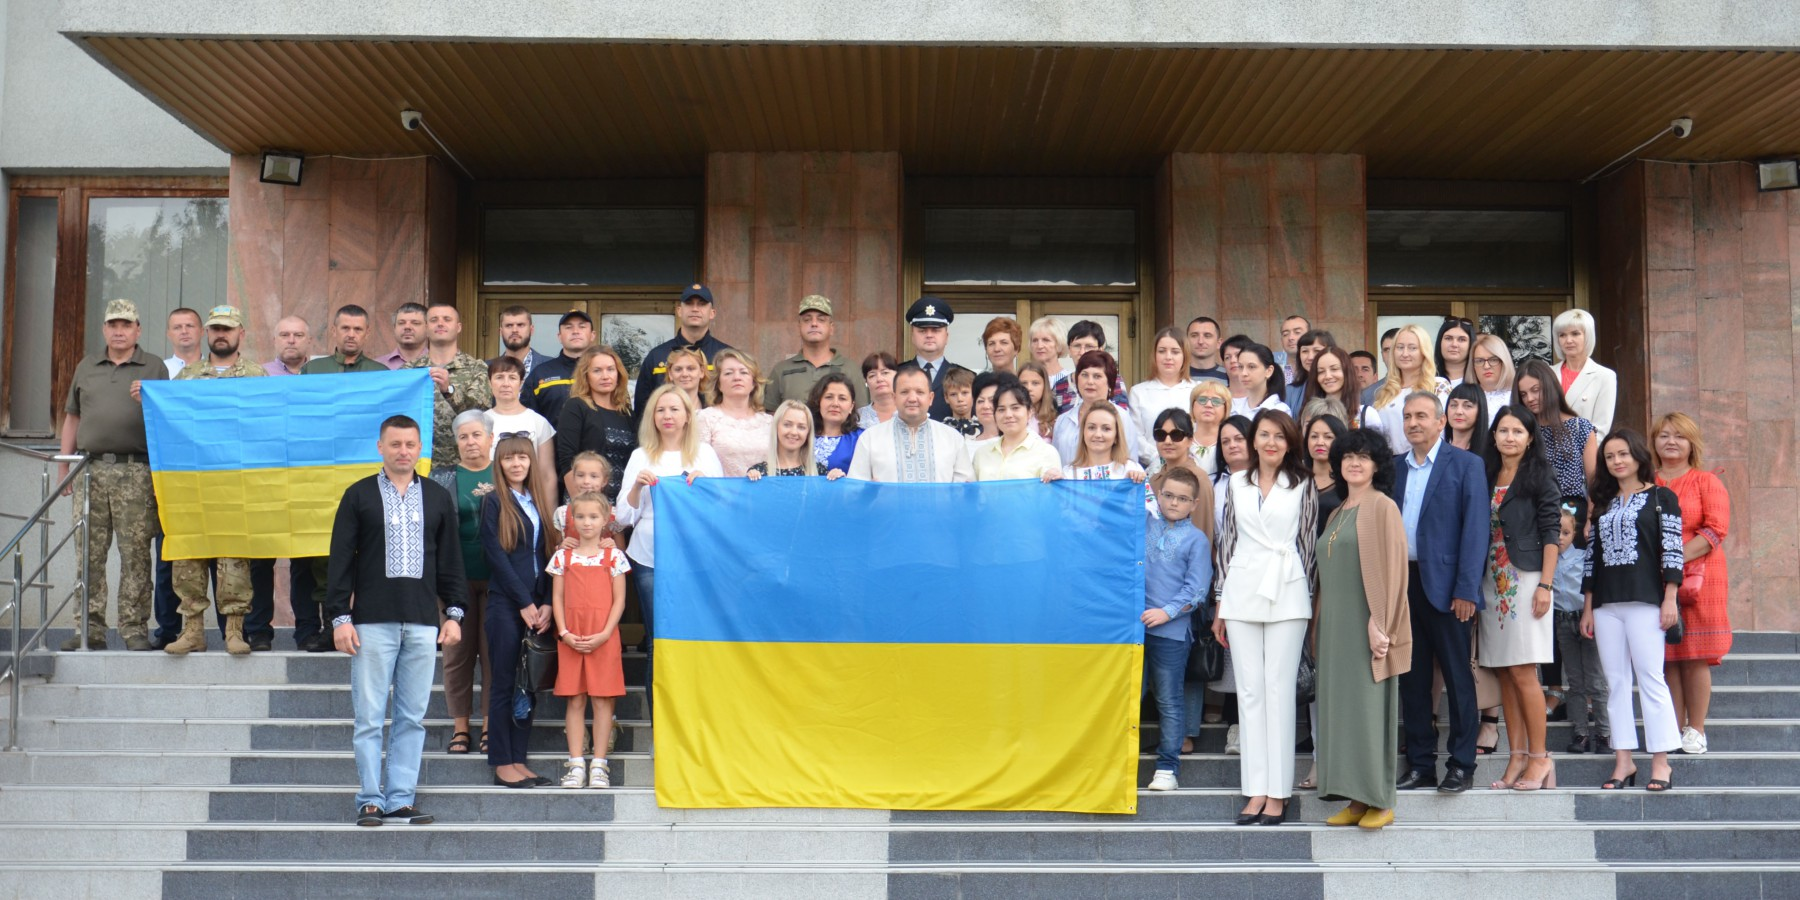 З Днем Державного Прапора України і 30-ю річницею Незалежності України!